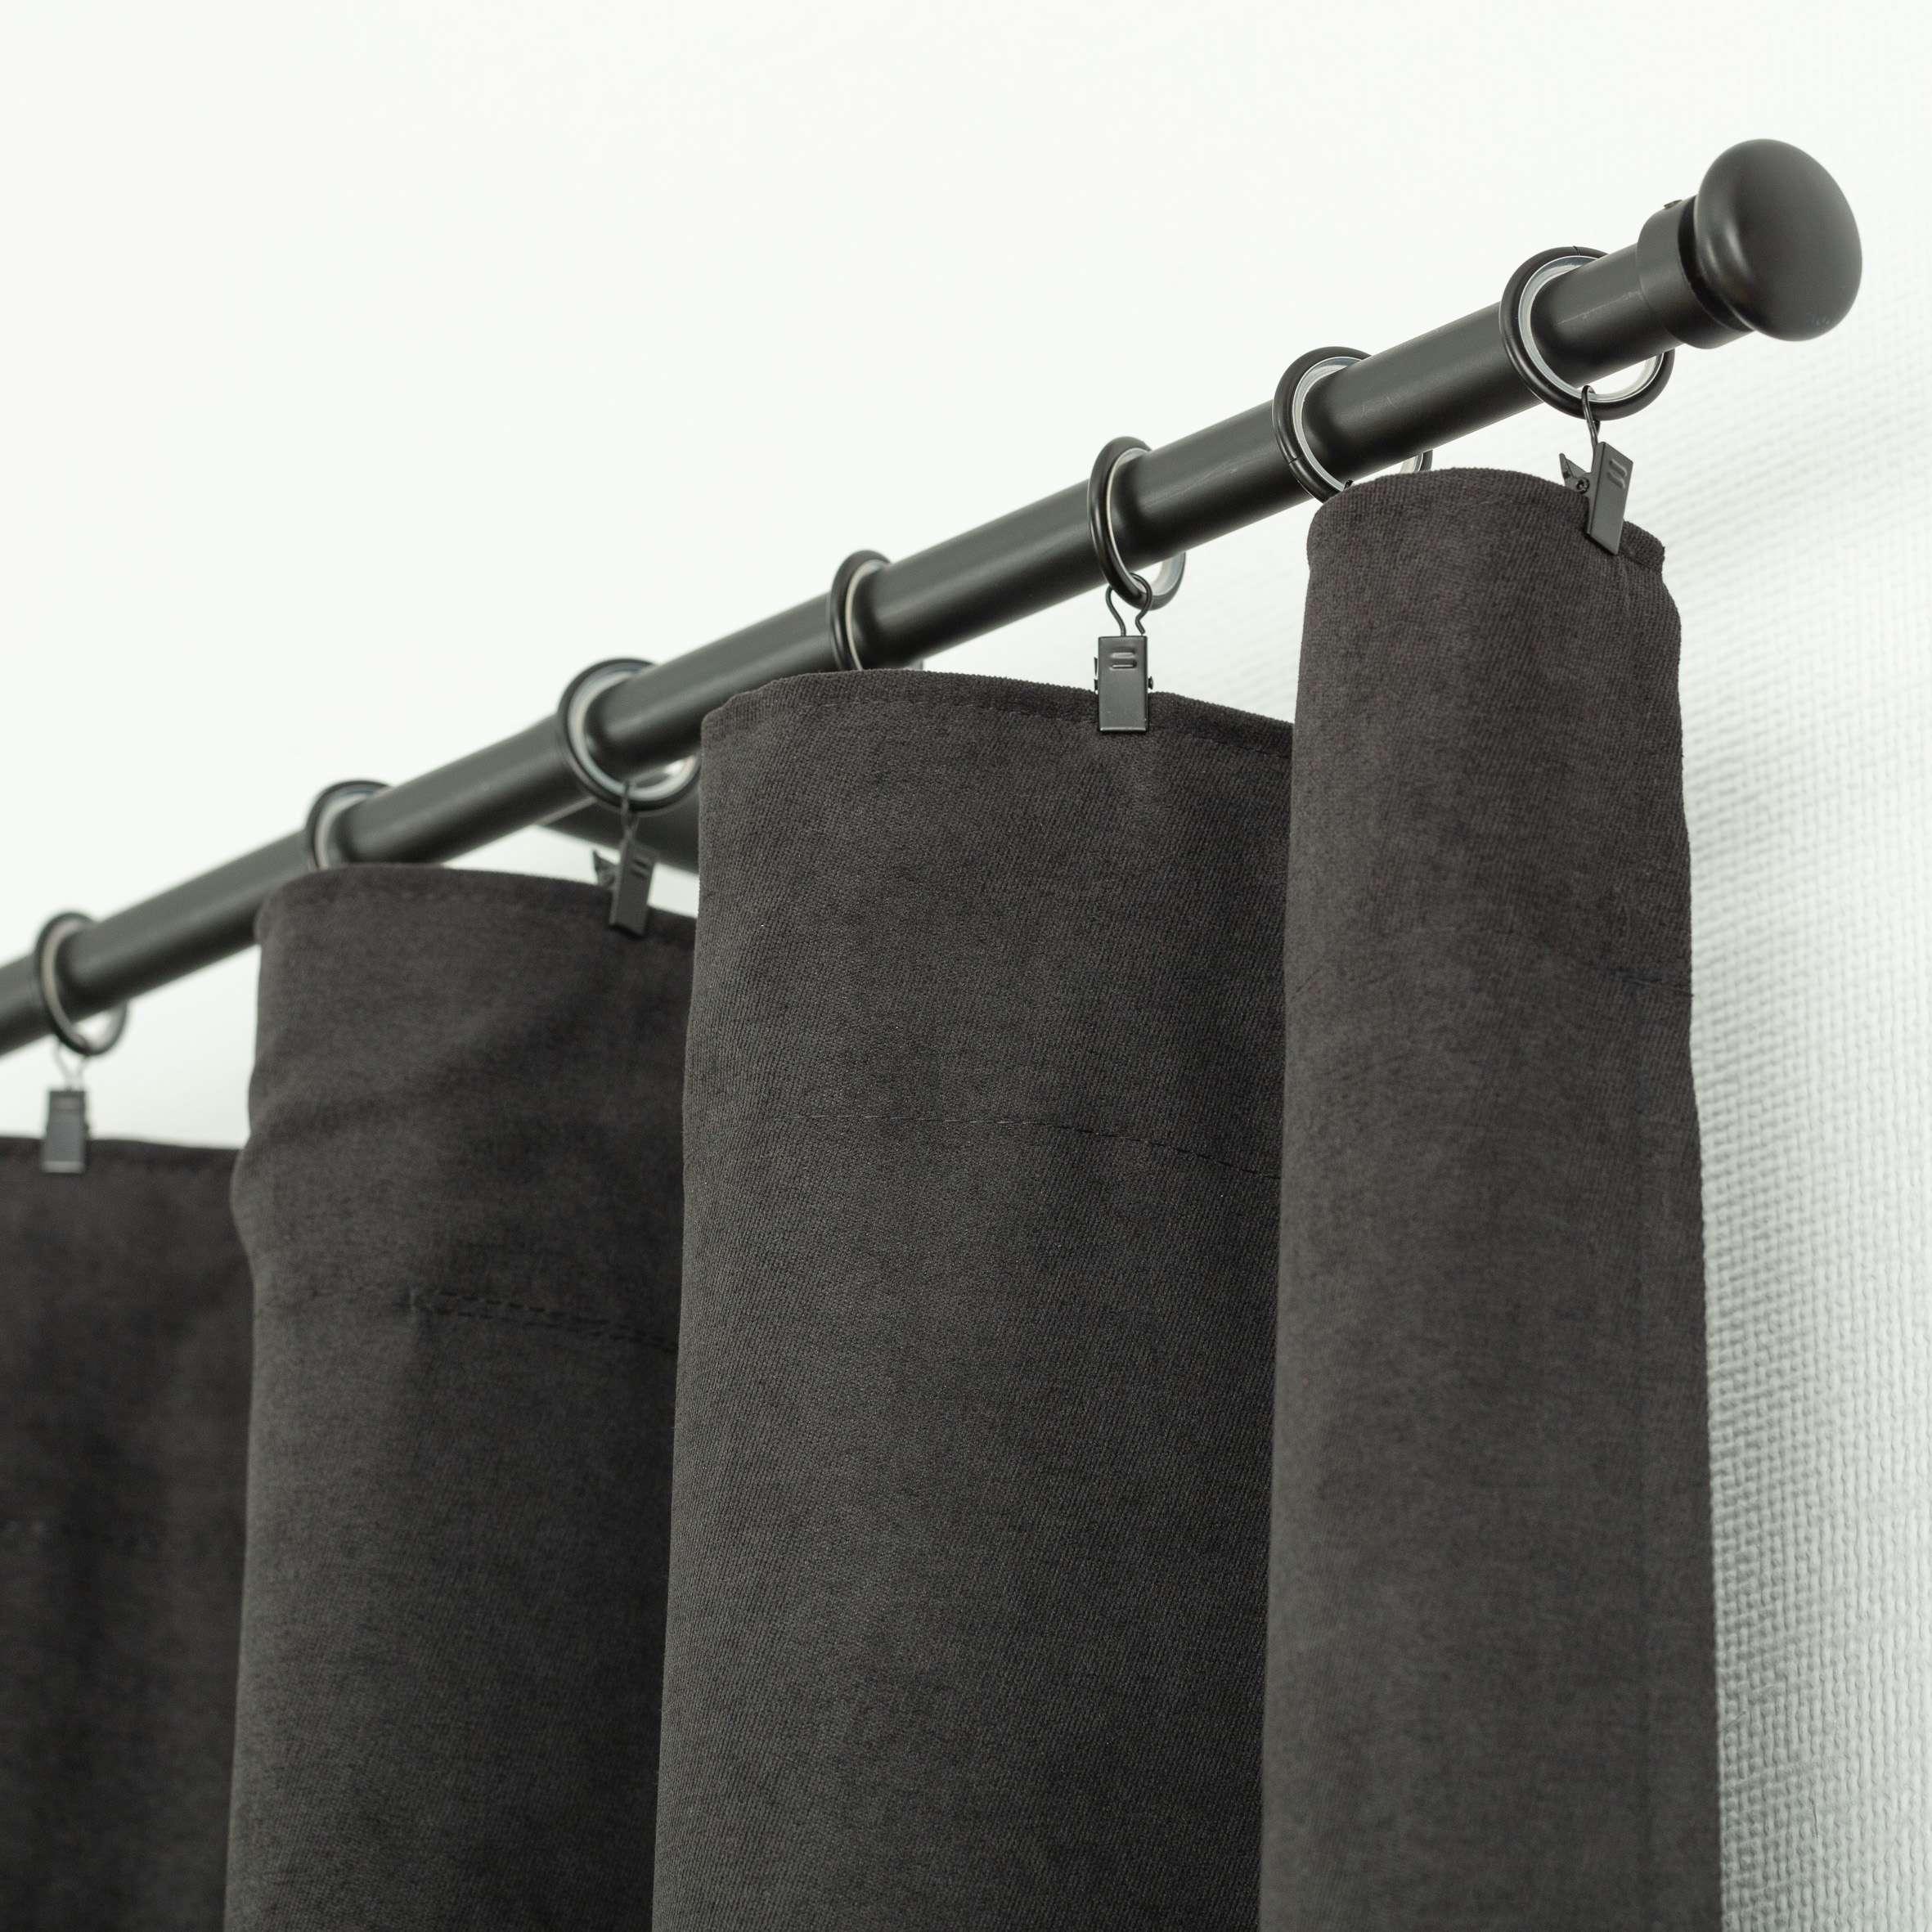 Zasłona BASIC na taśmie marszczącej 140x260cm czarny szenil 1 szt.